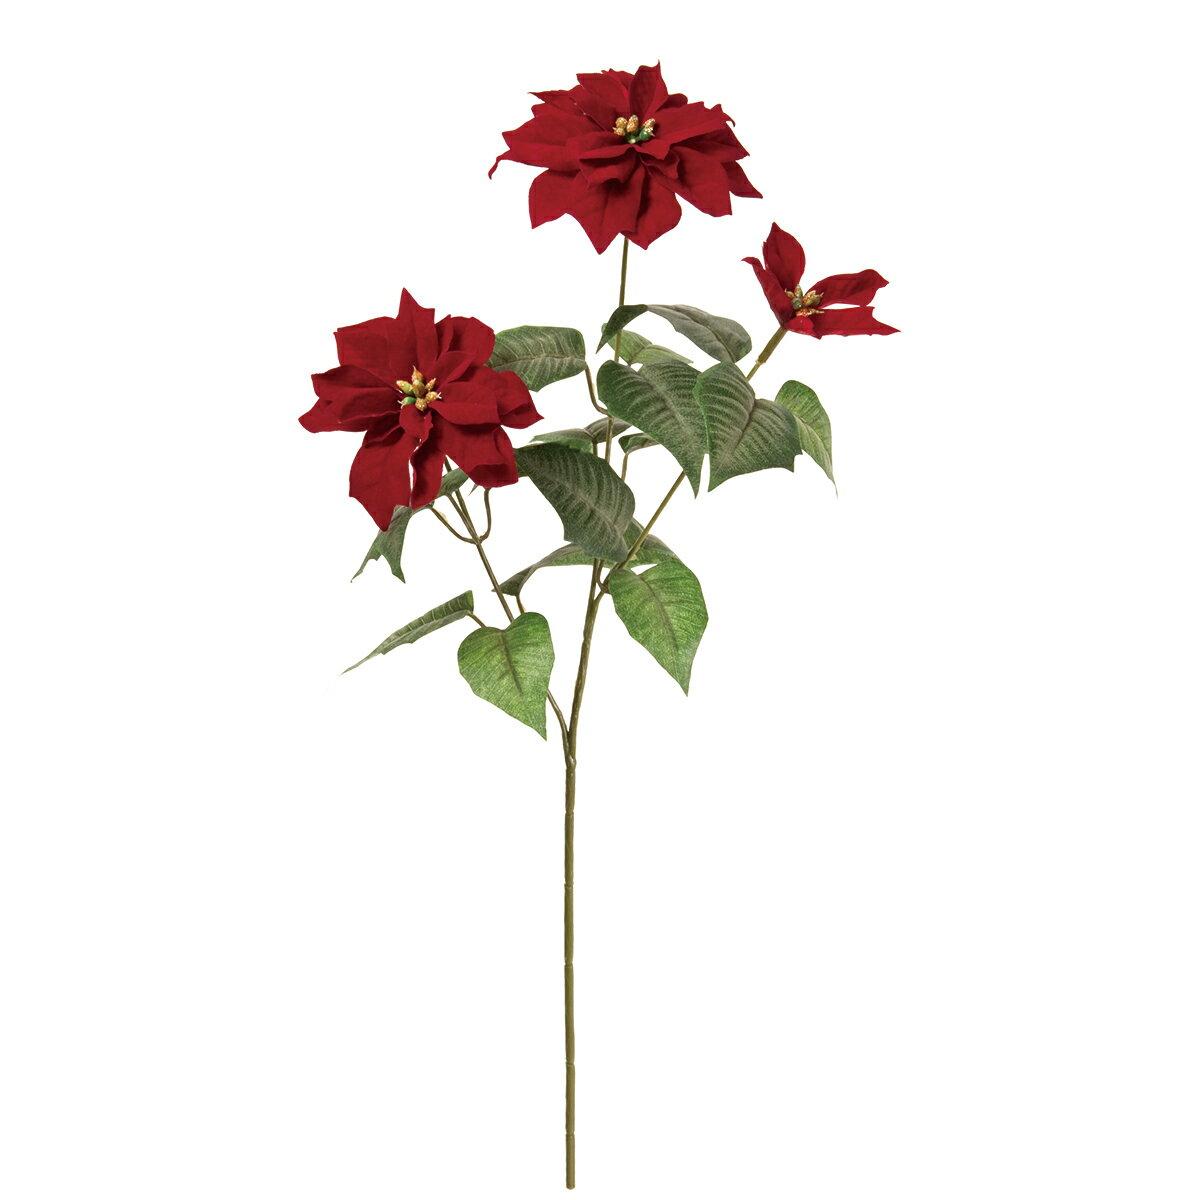 【造花】MAGIQ(東京堂)/メリルミニポインセチアスプレー#7BURGUNDY/FX003901-007【01】【取寄】《 造花(アーティフィシャルフラワー) 造花 花材「は行」 ポインセチア 》